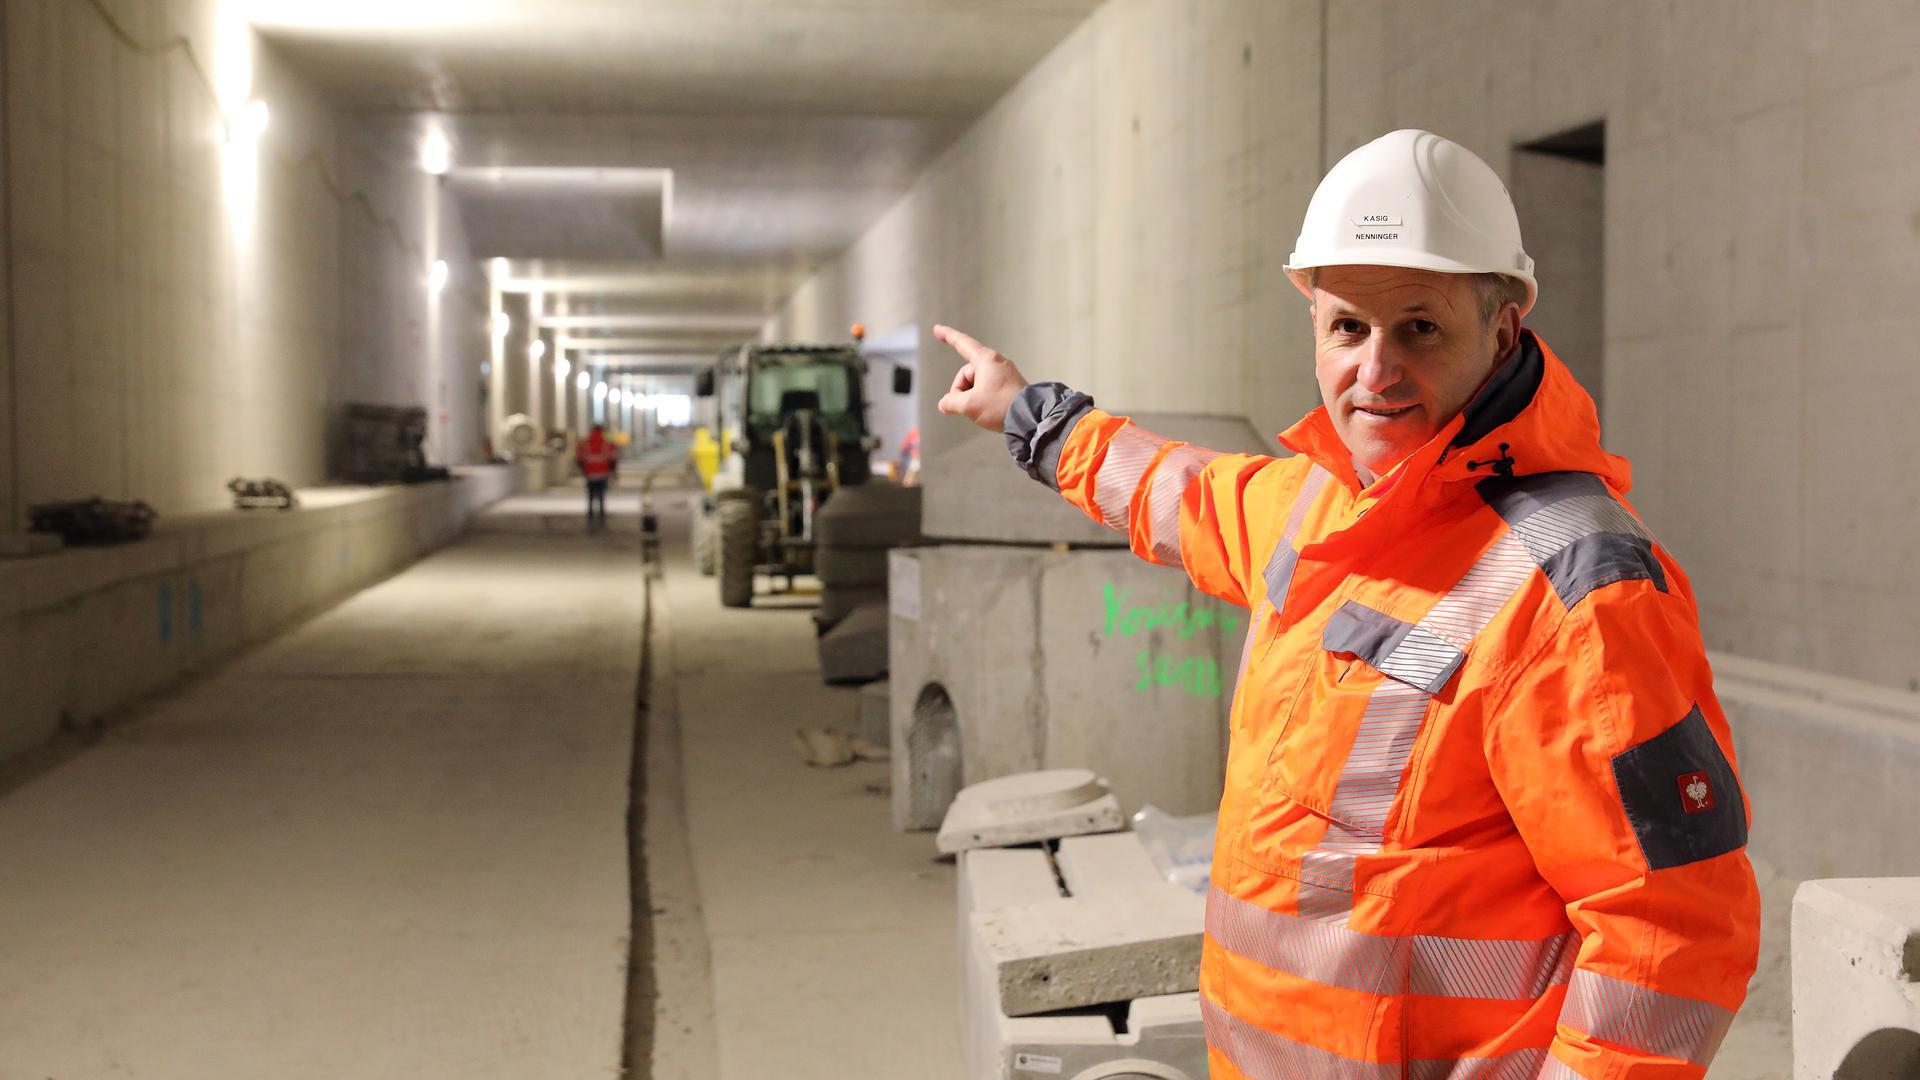 Noch ohne Fahrbahn: Im Autotunnel unter der Kriegsstraße beginnt der Innenausbau. Bei Frank Nenninger laufen die Fäden zusammen. Mit Schotterunterbau und Asphaltecke wird der Betonboden um 80 Zentimeter aufgeschüttet.